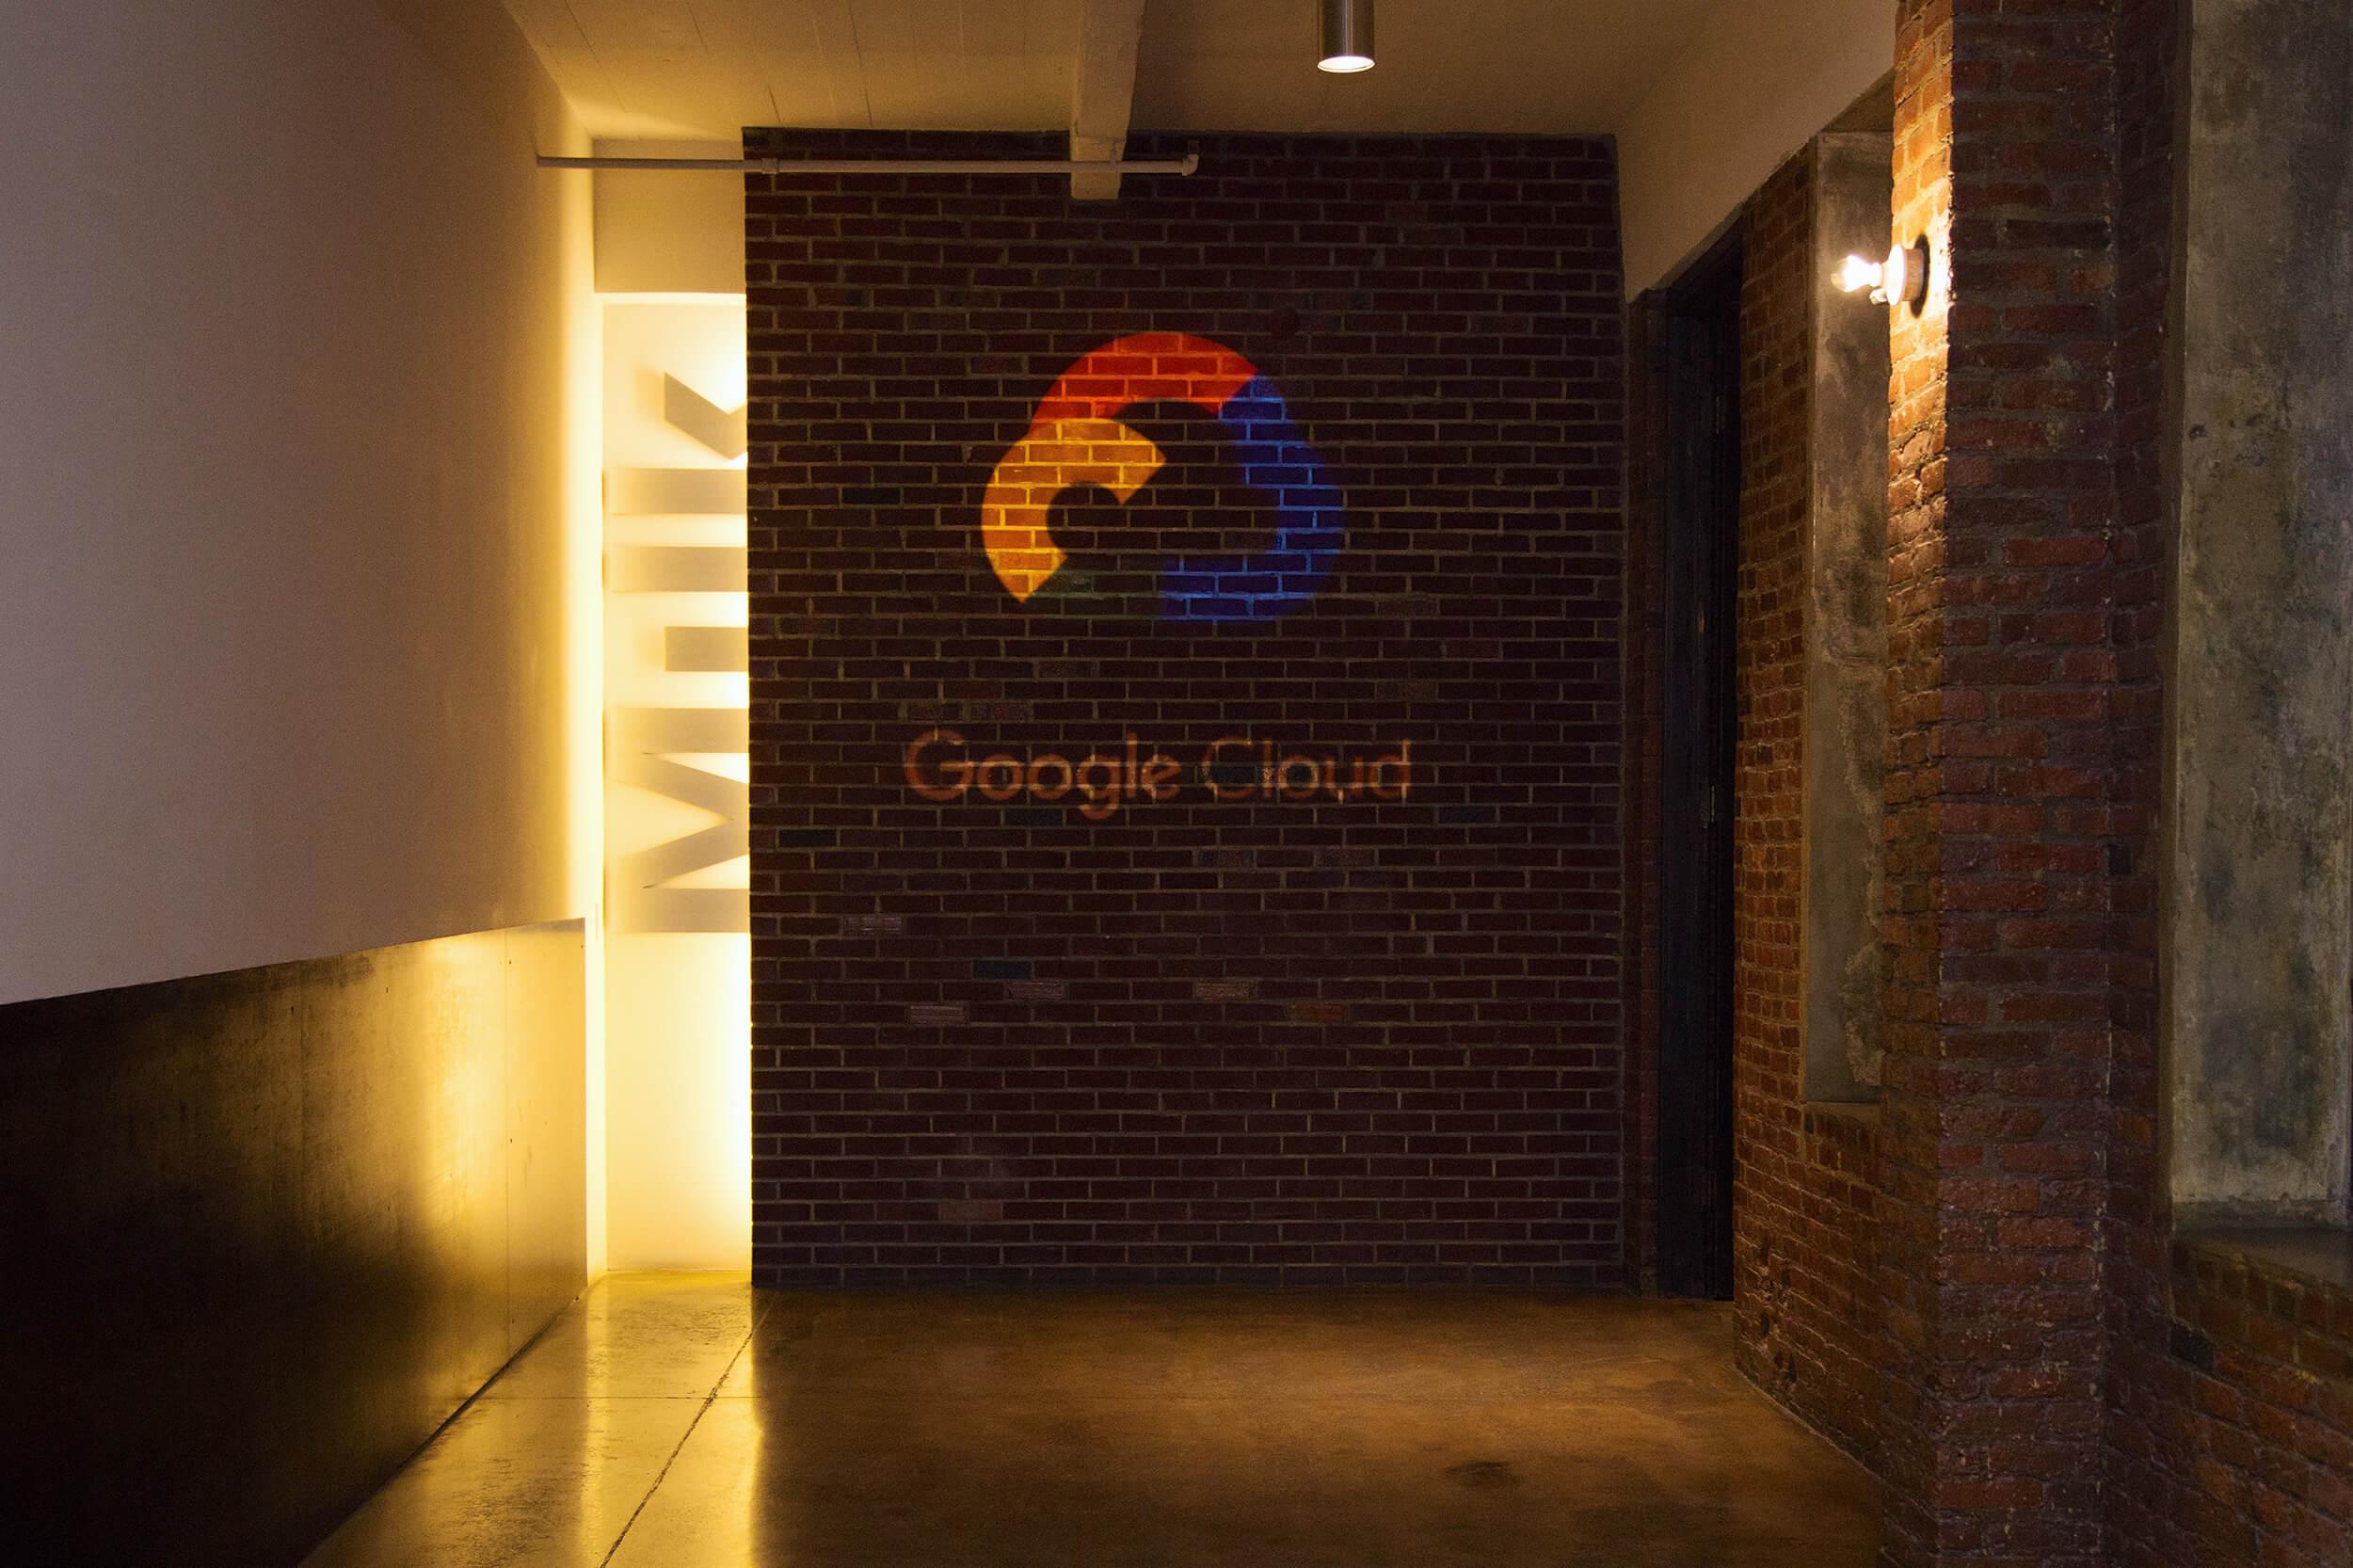 googlecloud_09_crop_min.jpg